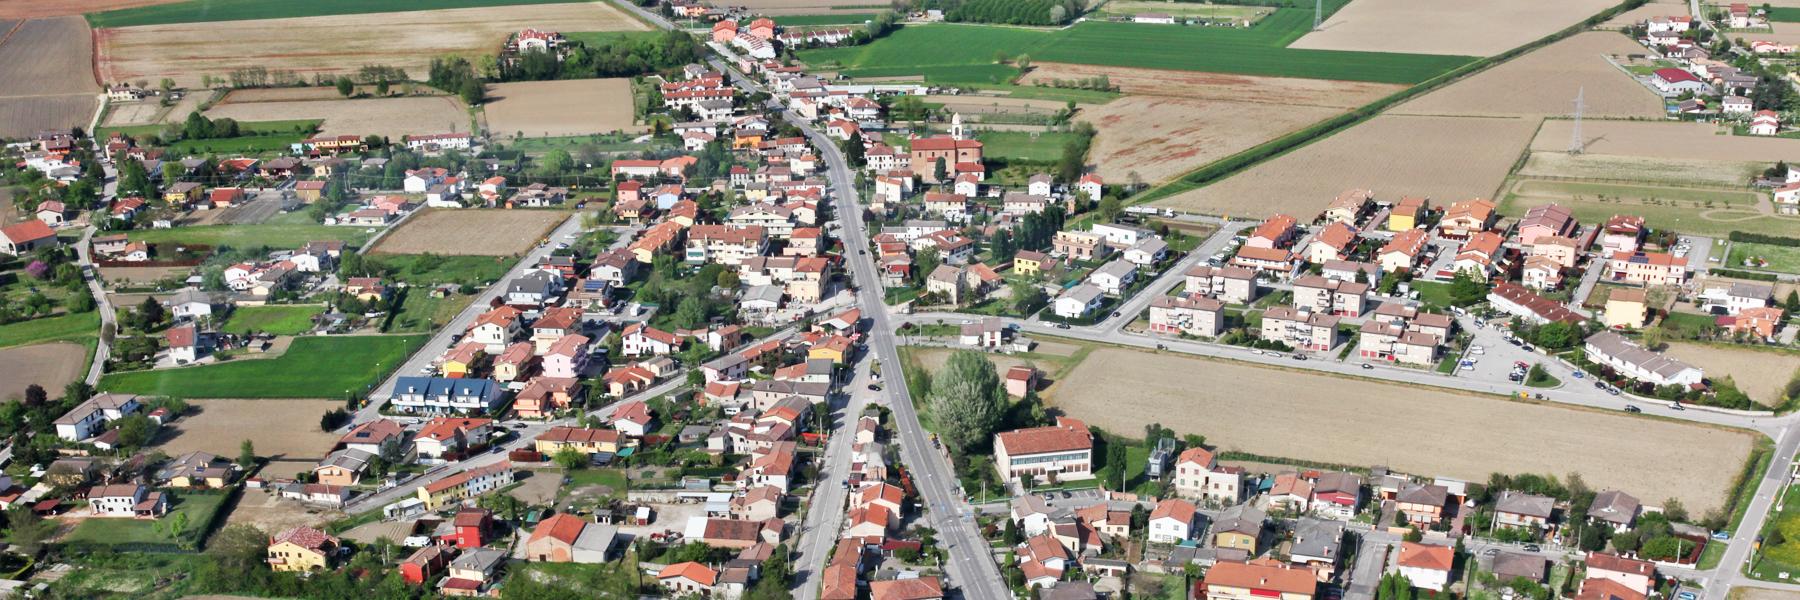 fotografia aerea rovigo